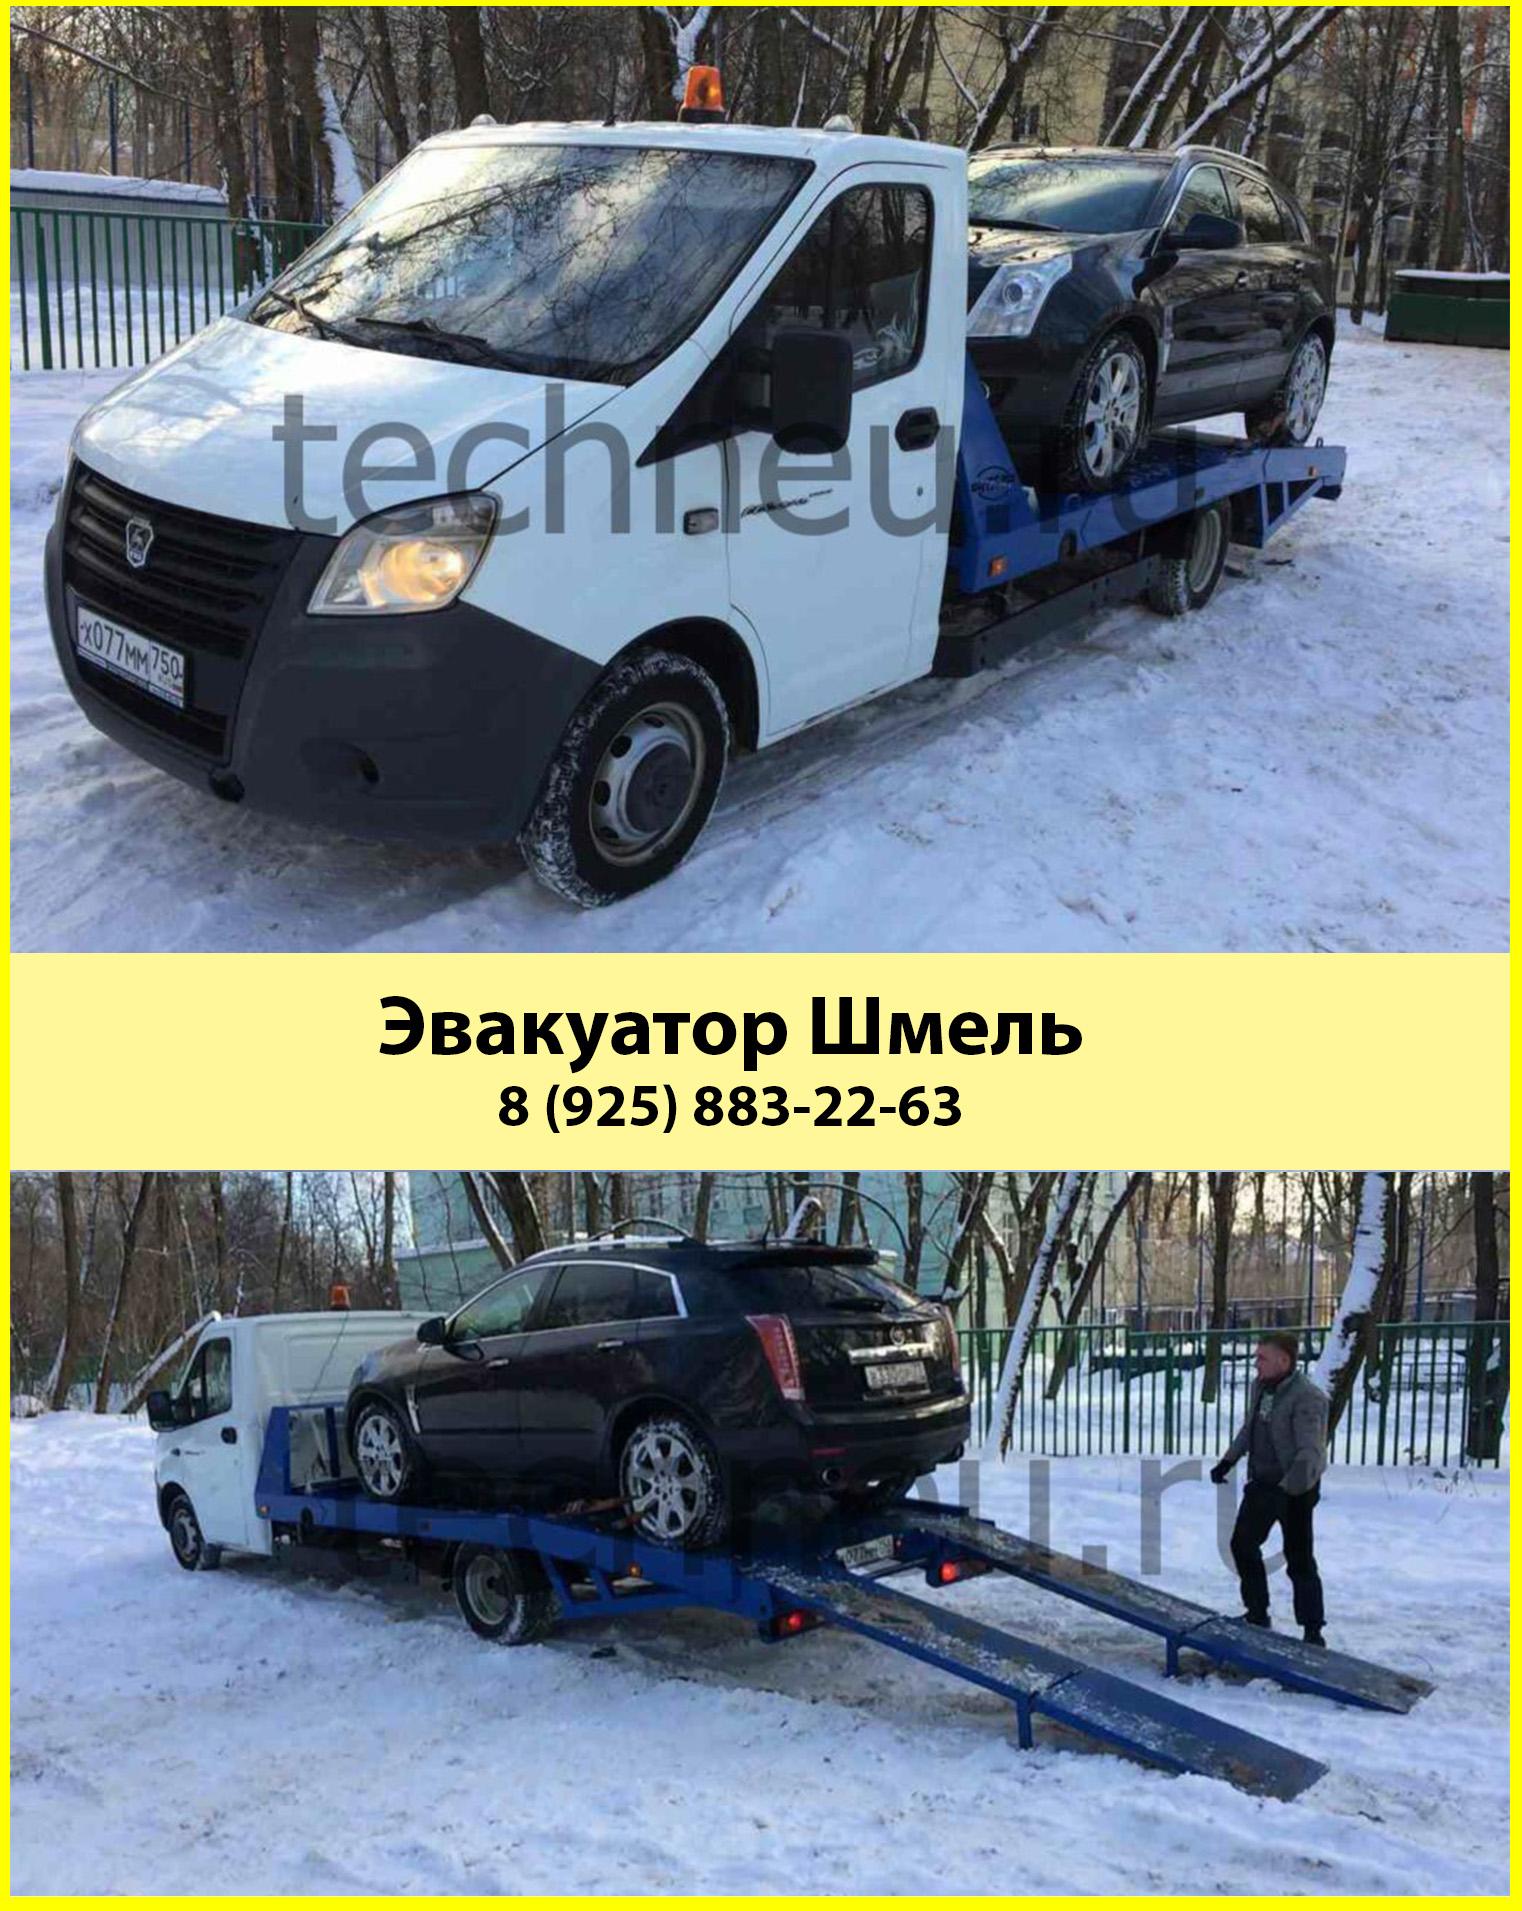 фото эваукатора в ВАО Москвы